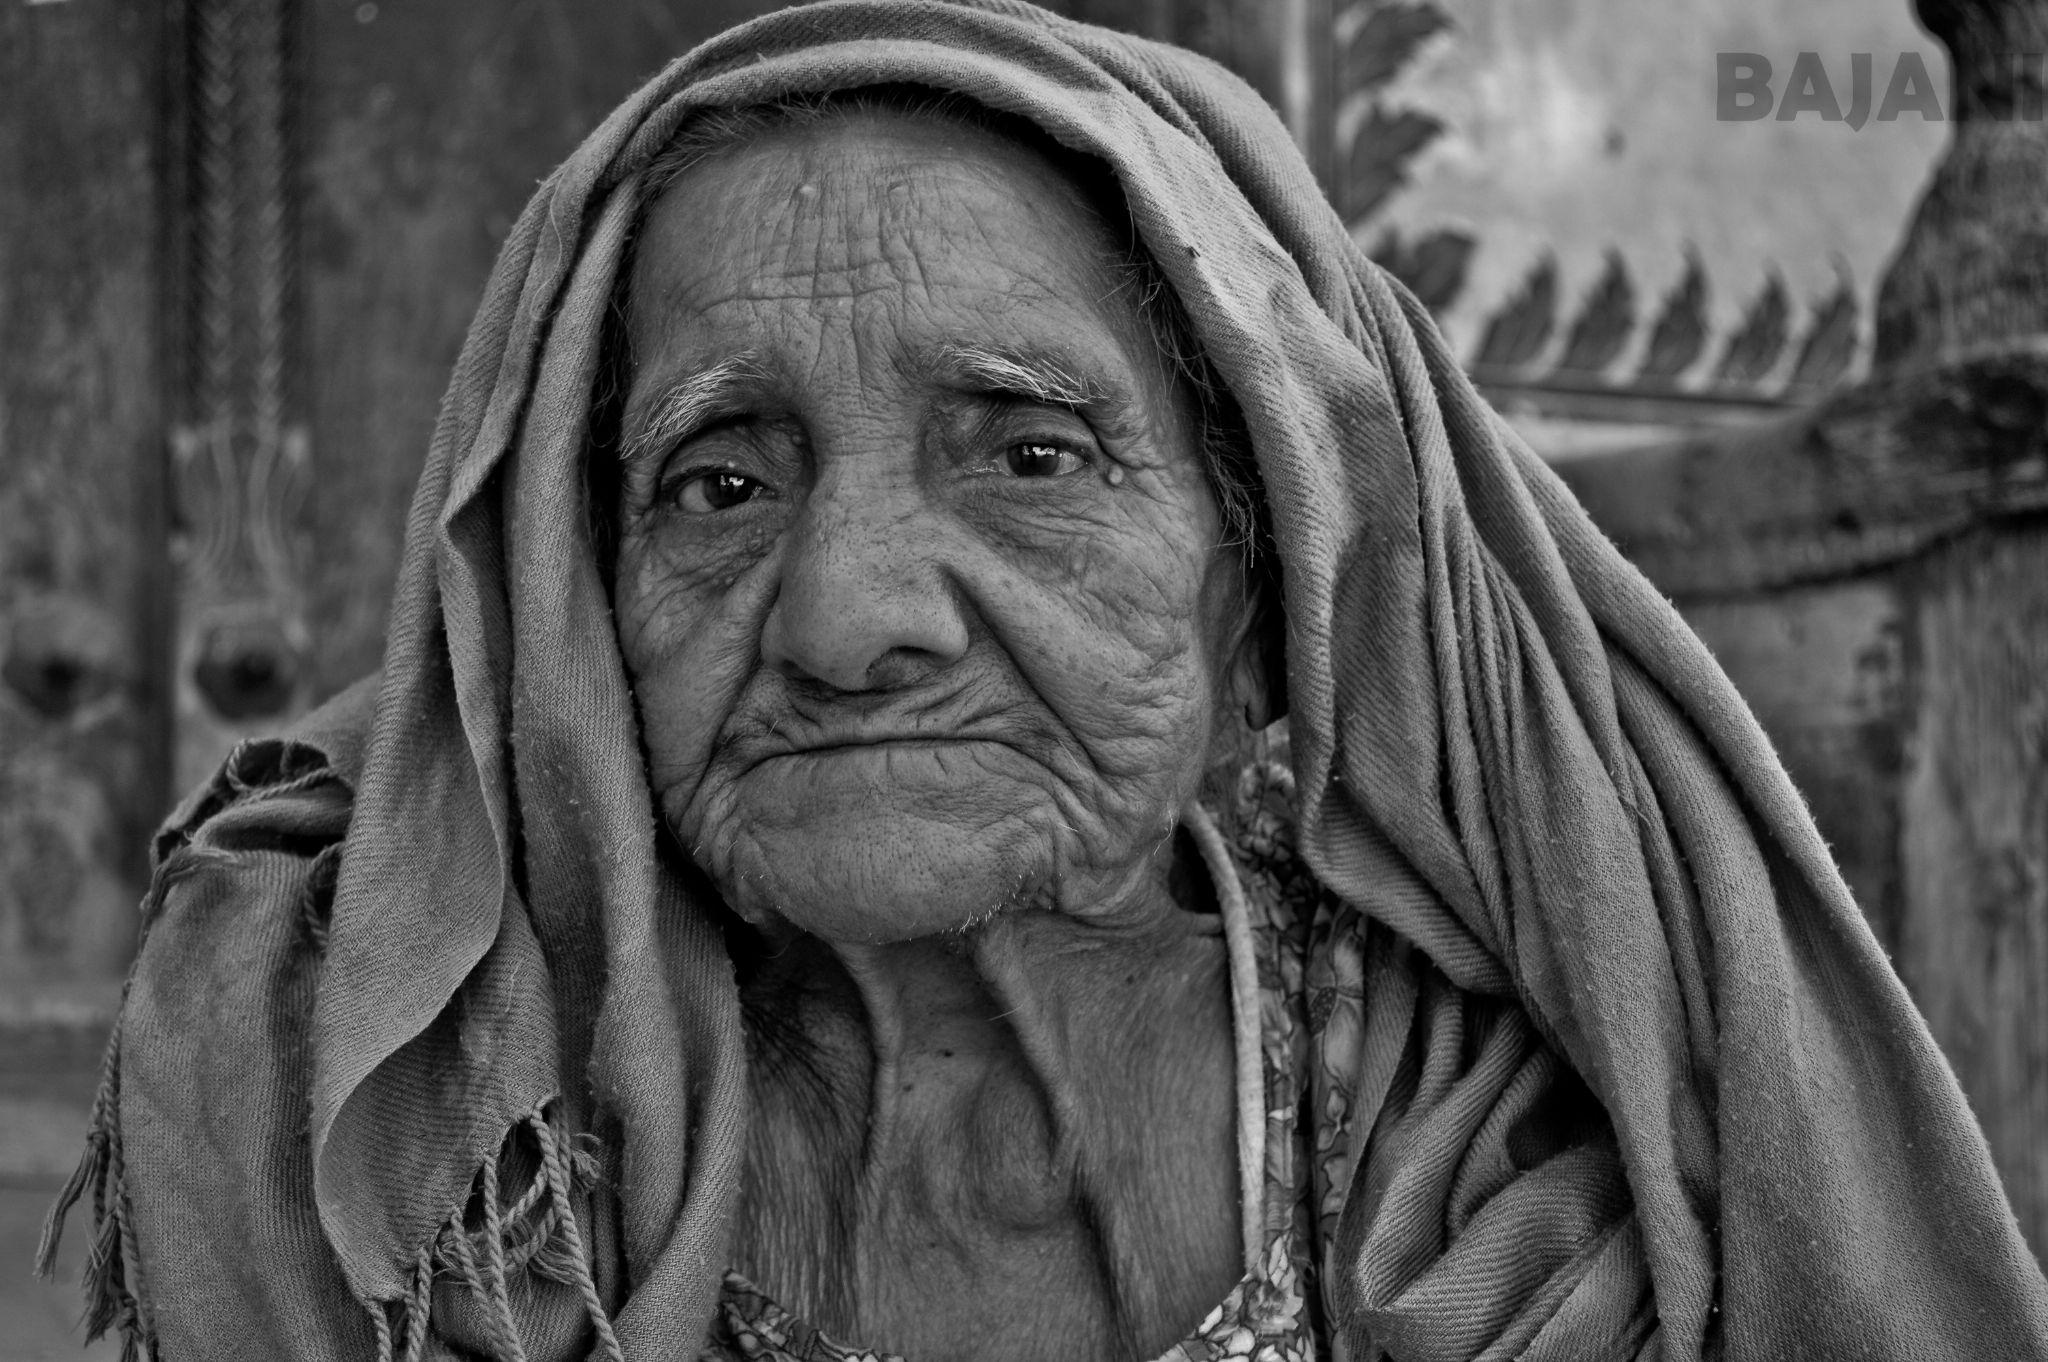 The Sad Survivor  by Abubakar Saddique